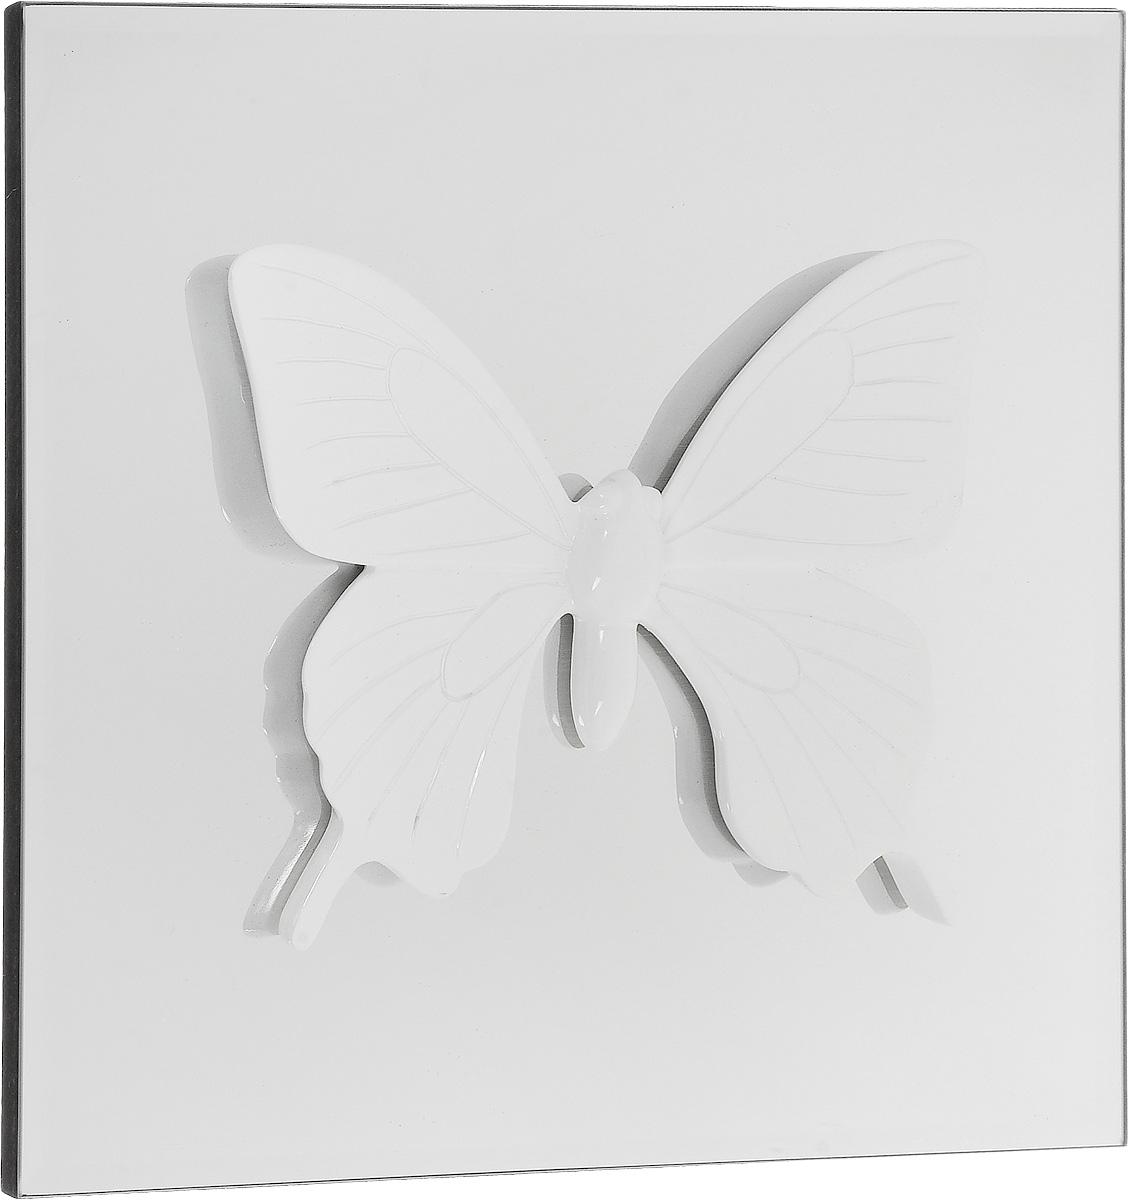 Украшение декоративное Феникс-Презент Бабочка, настенное, 30 x 30 x 2,5 см44067Настенное украшение Феникс-Презент Бабочка изготовлено из основы МДФ и зеркального стекла, декоративный элемент выполнен из полирезина в виде бабочки. Для удобства размещения изделие оснащено металлической петелькой для подвешивания. Такое украшение не только подчеркнет ваш изысканный вкус, но и прекрасным подарком, который обязательно порадует получателя.